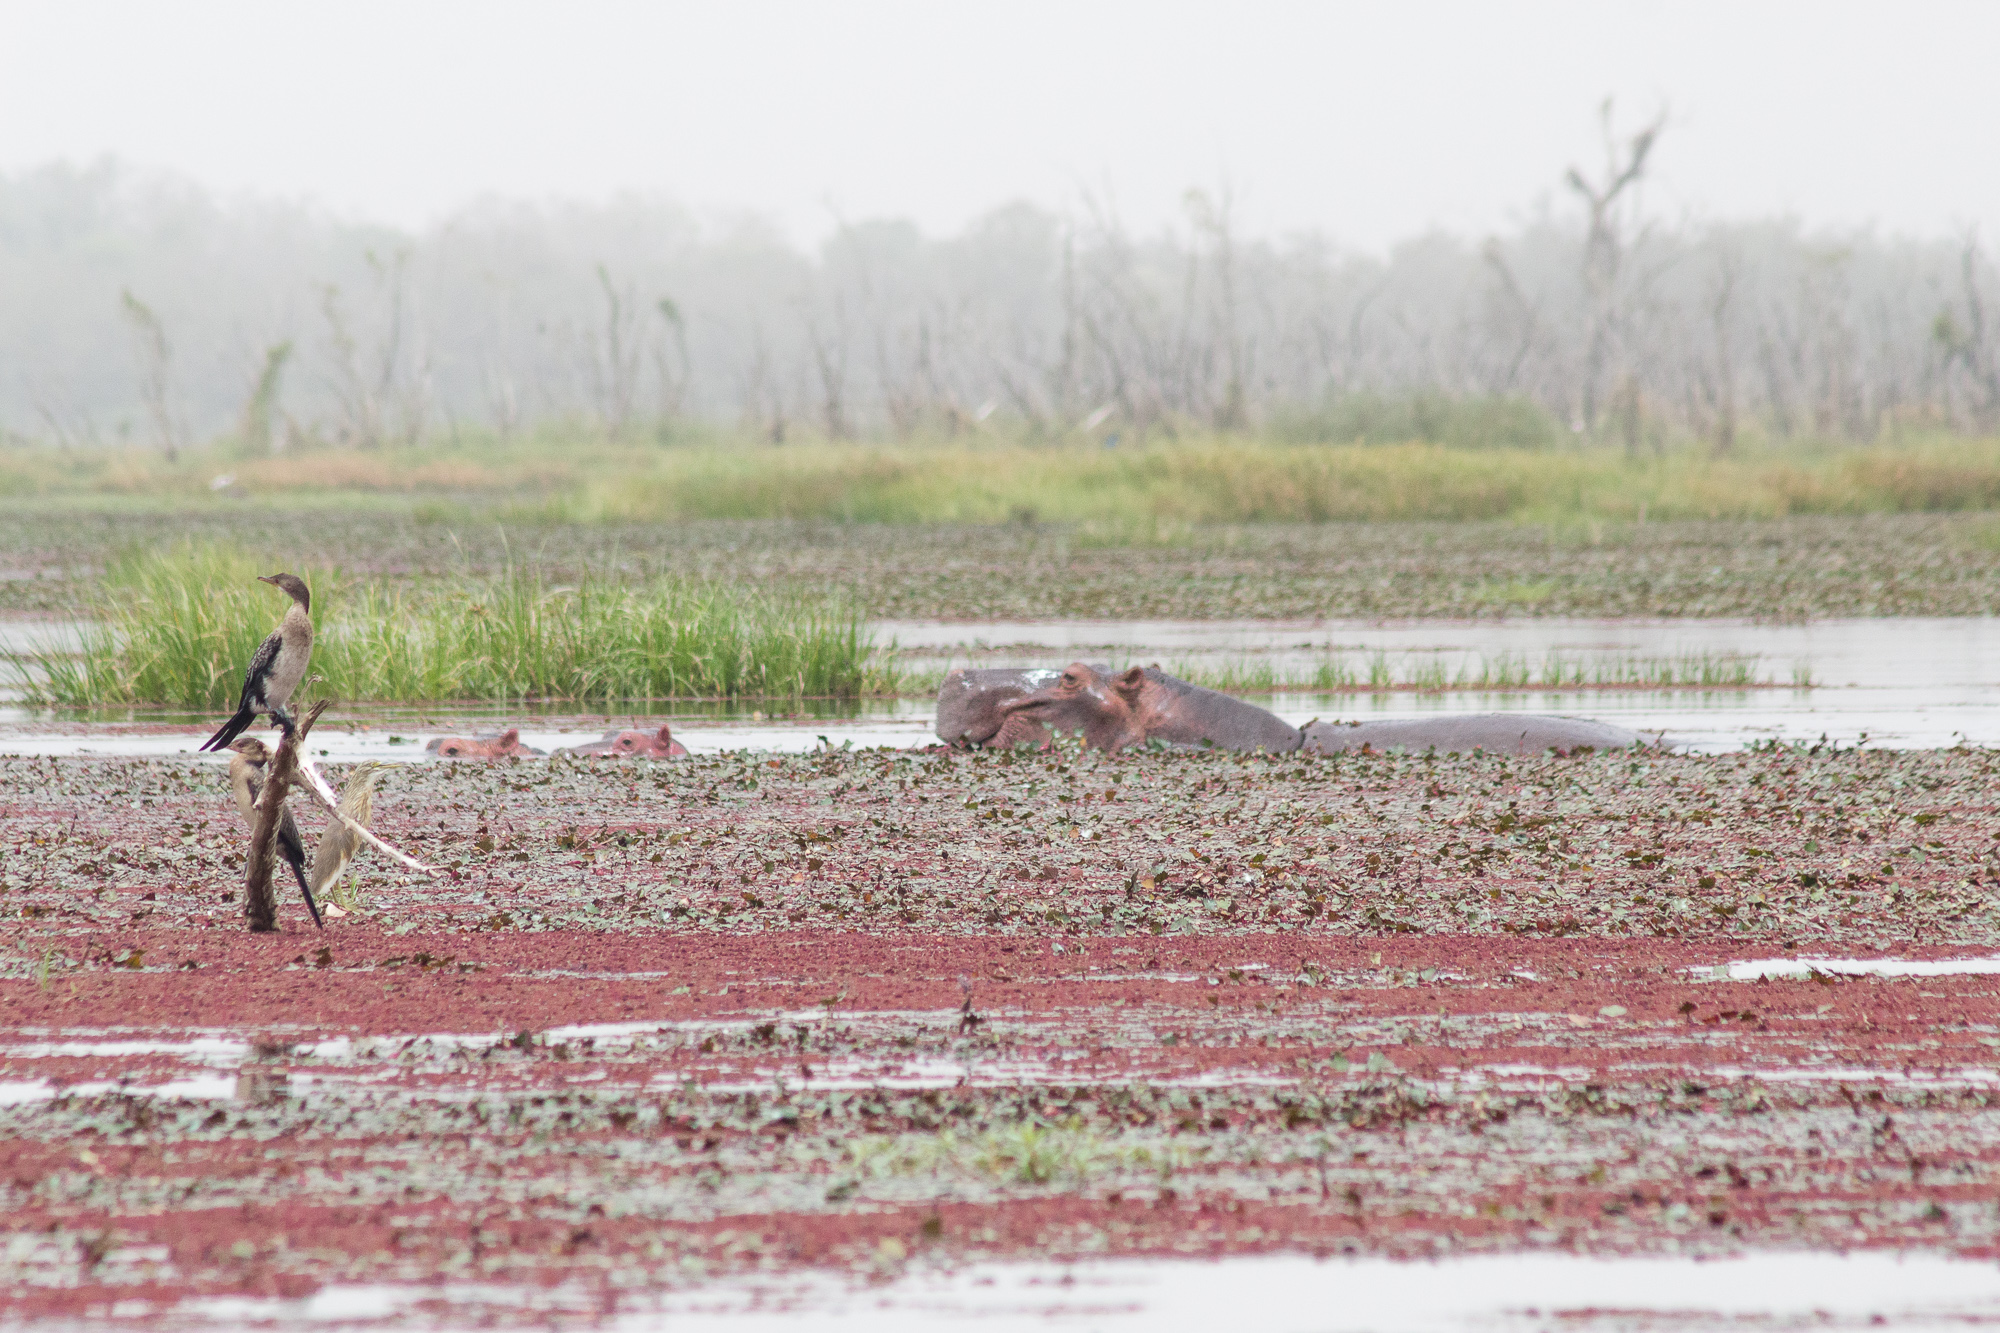 Oiseau perché sur un tronc d'arbre et femelle hippopotame avec ses deux petits, mare de Bala, Burkina Faso